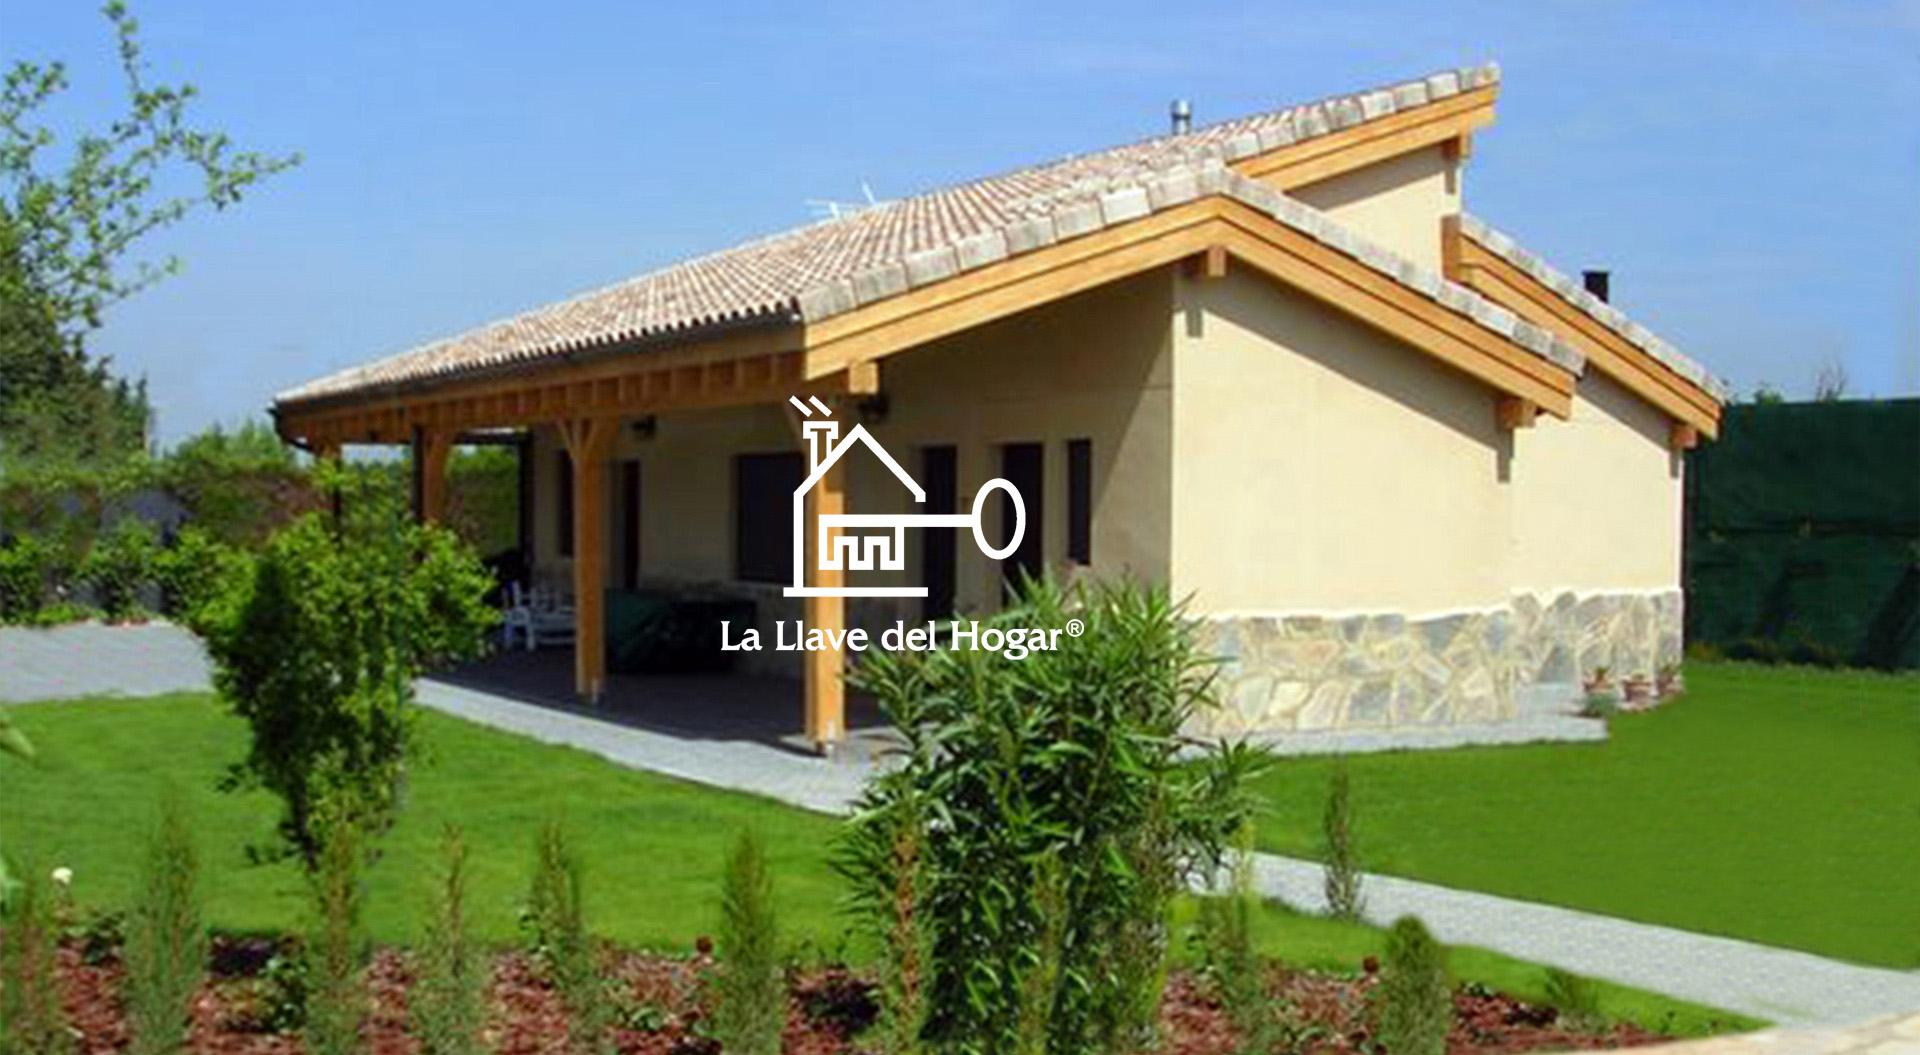 Benasque 97m casas de madera la llave del hogar - Casas entramado ligero ...